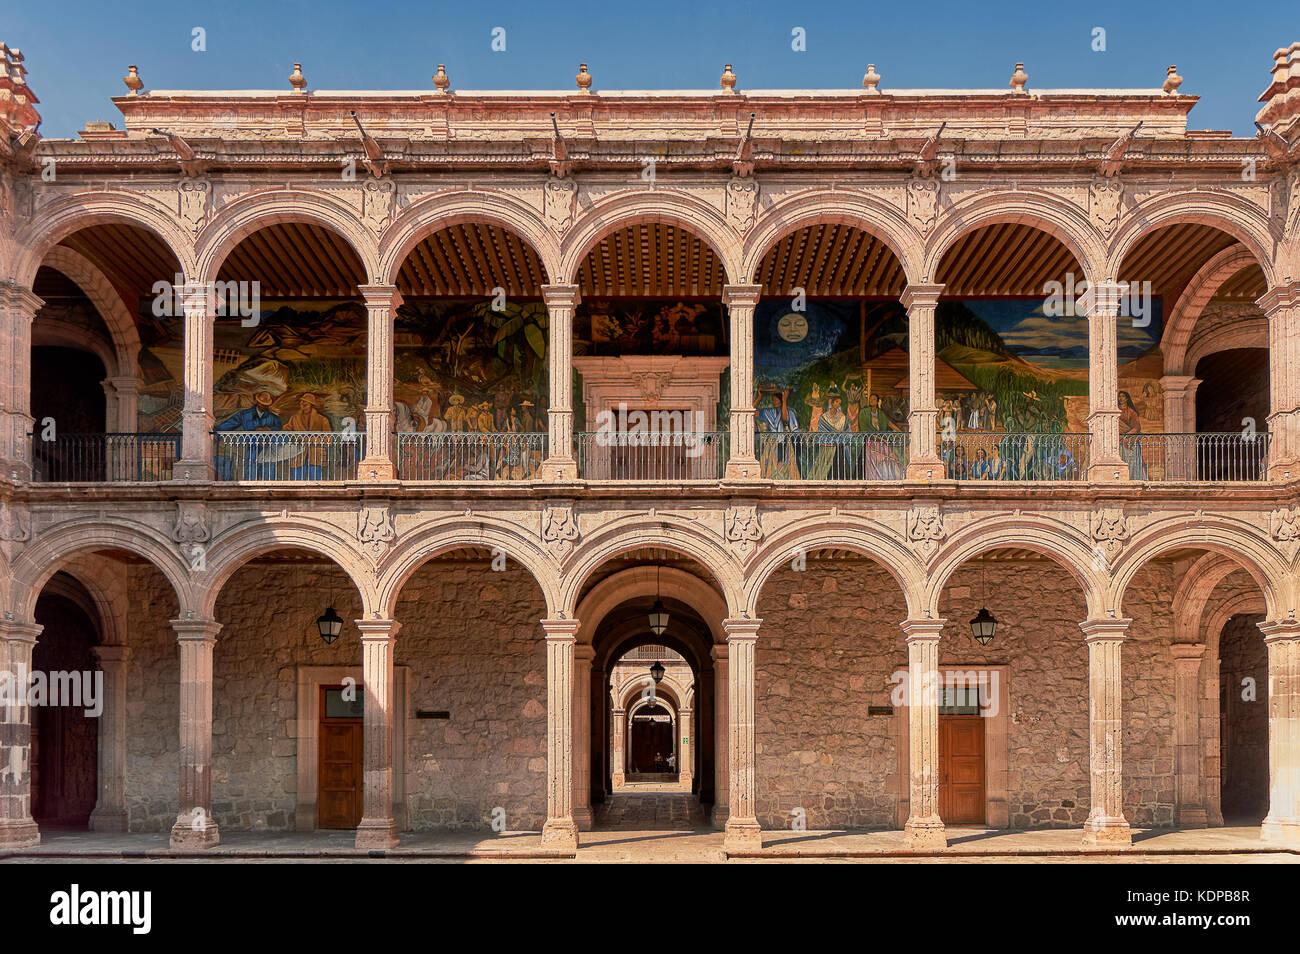 The Palacio de Gobierno de Michoacan in Morelia, Mexico. - Stock Image